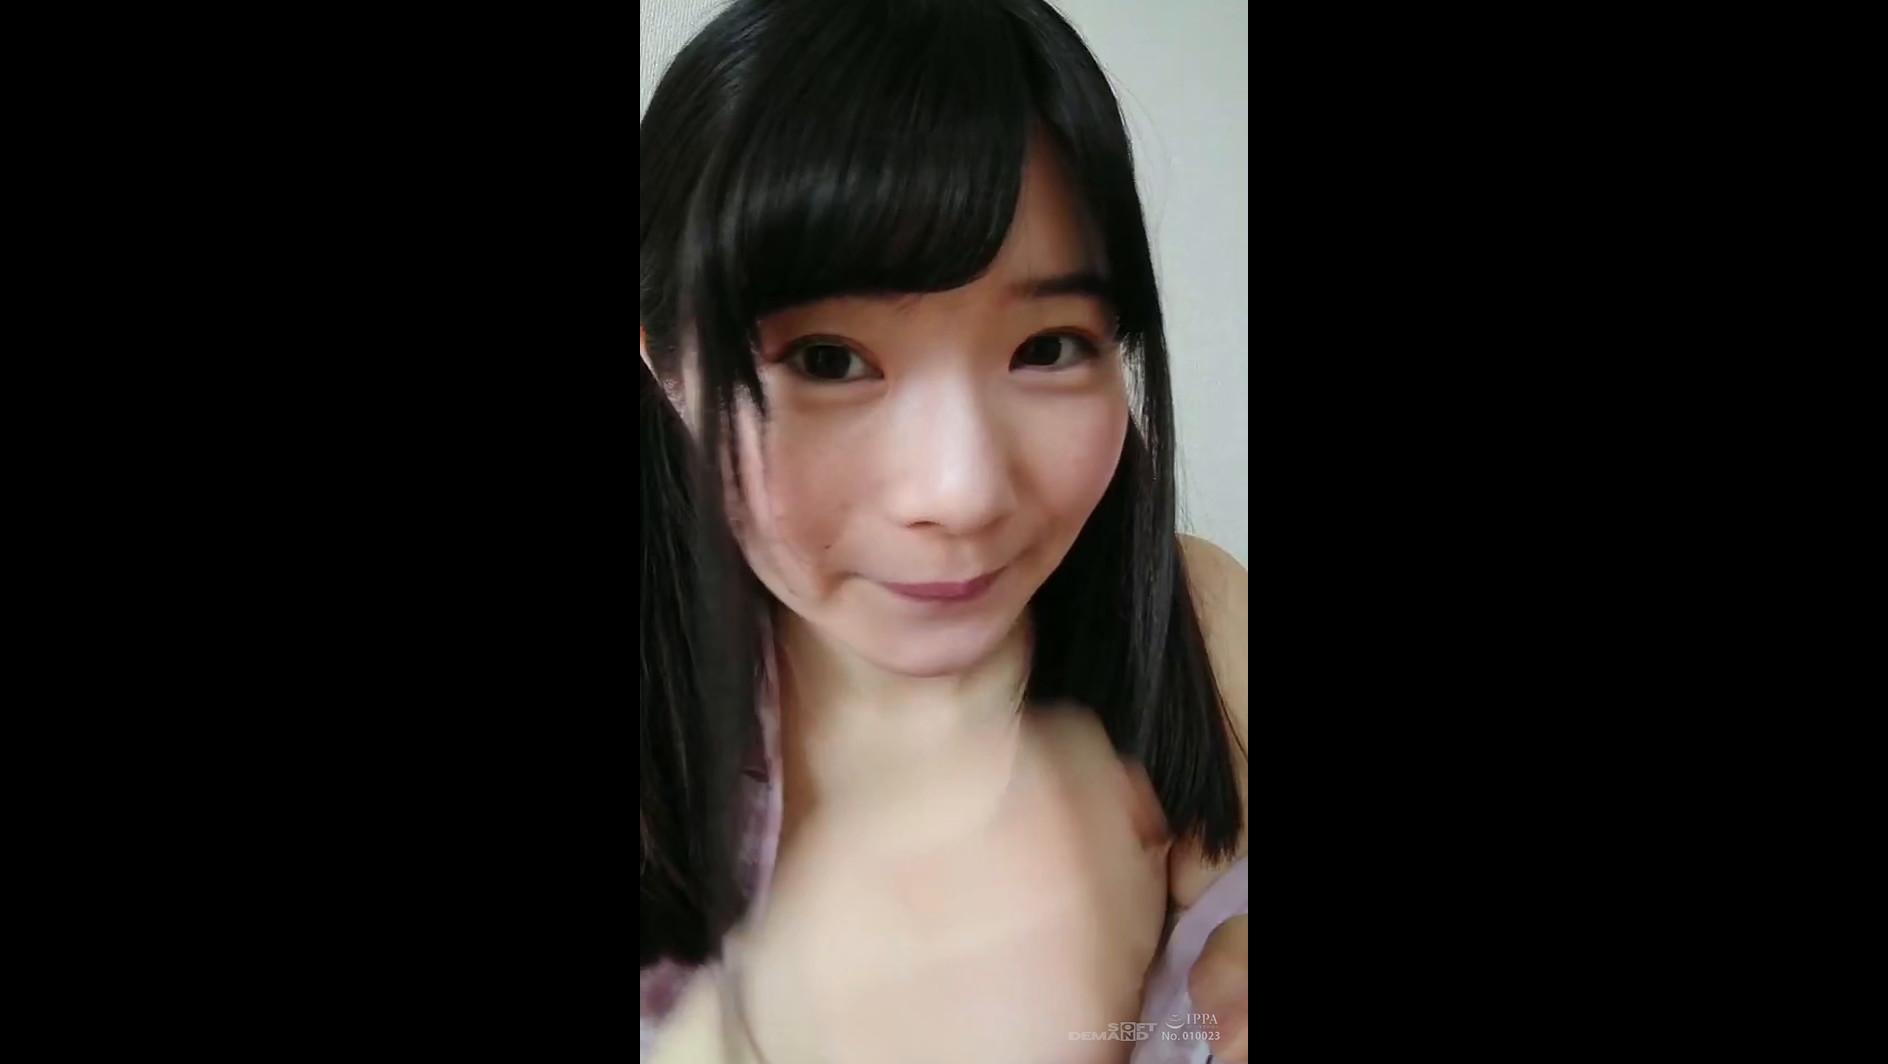 ビデオ通話エッチ JOI りんご 【縦動画】 画像17